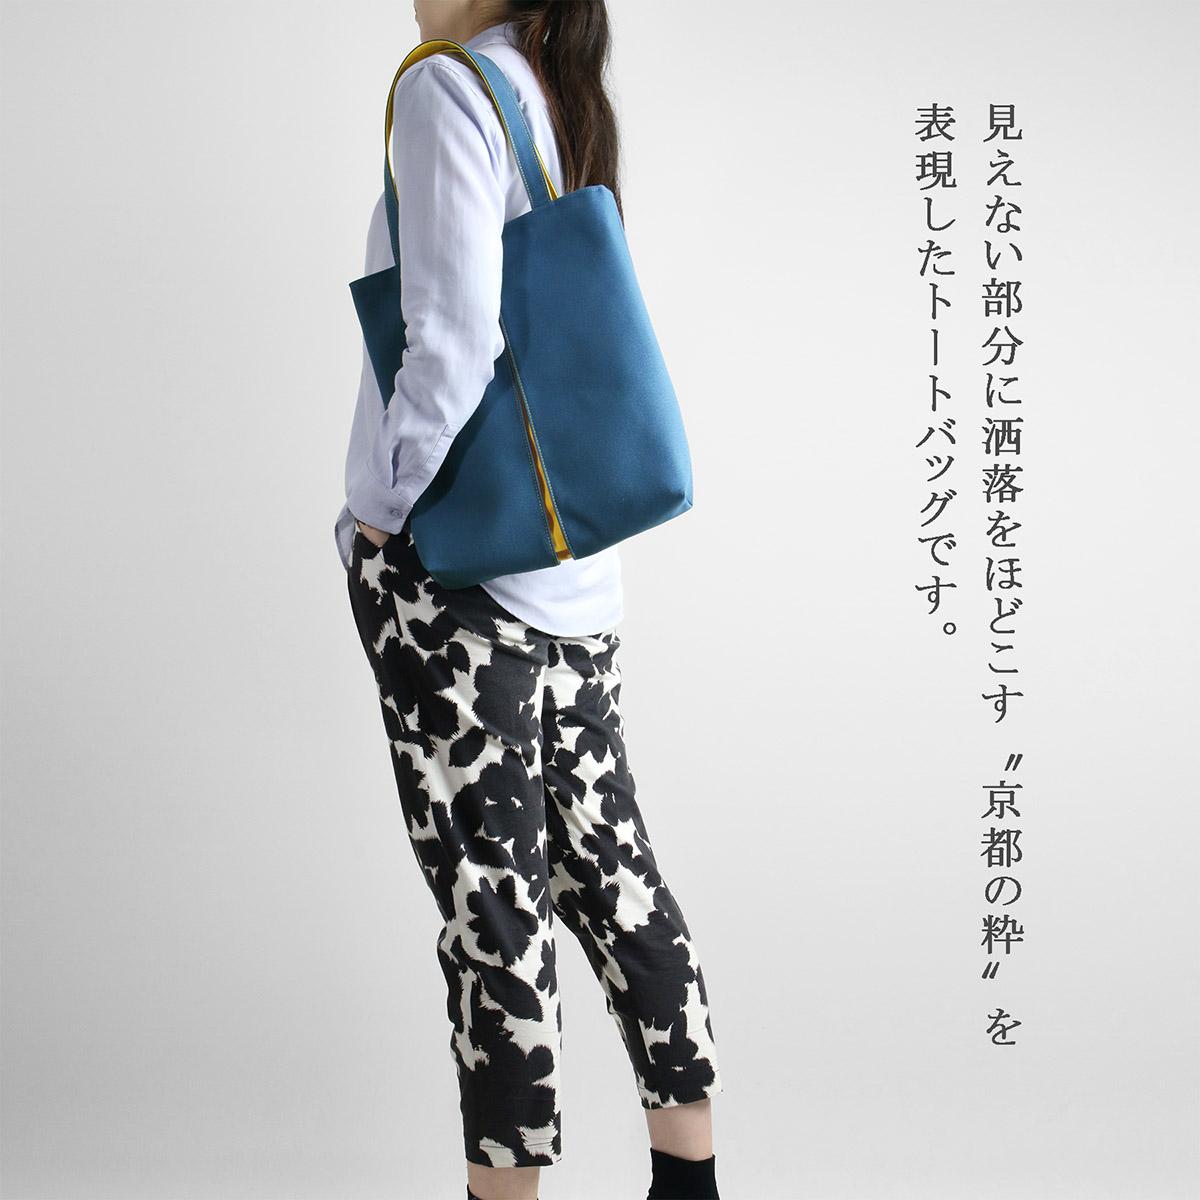 KOSHO ougi pleats トートバッグ M